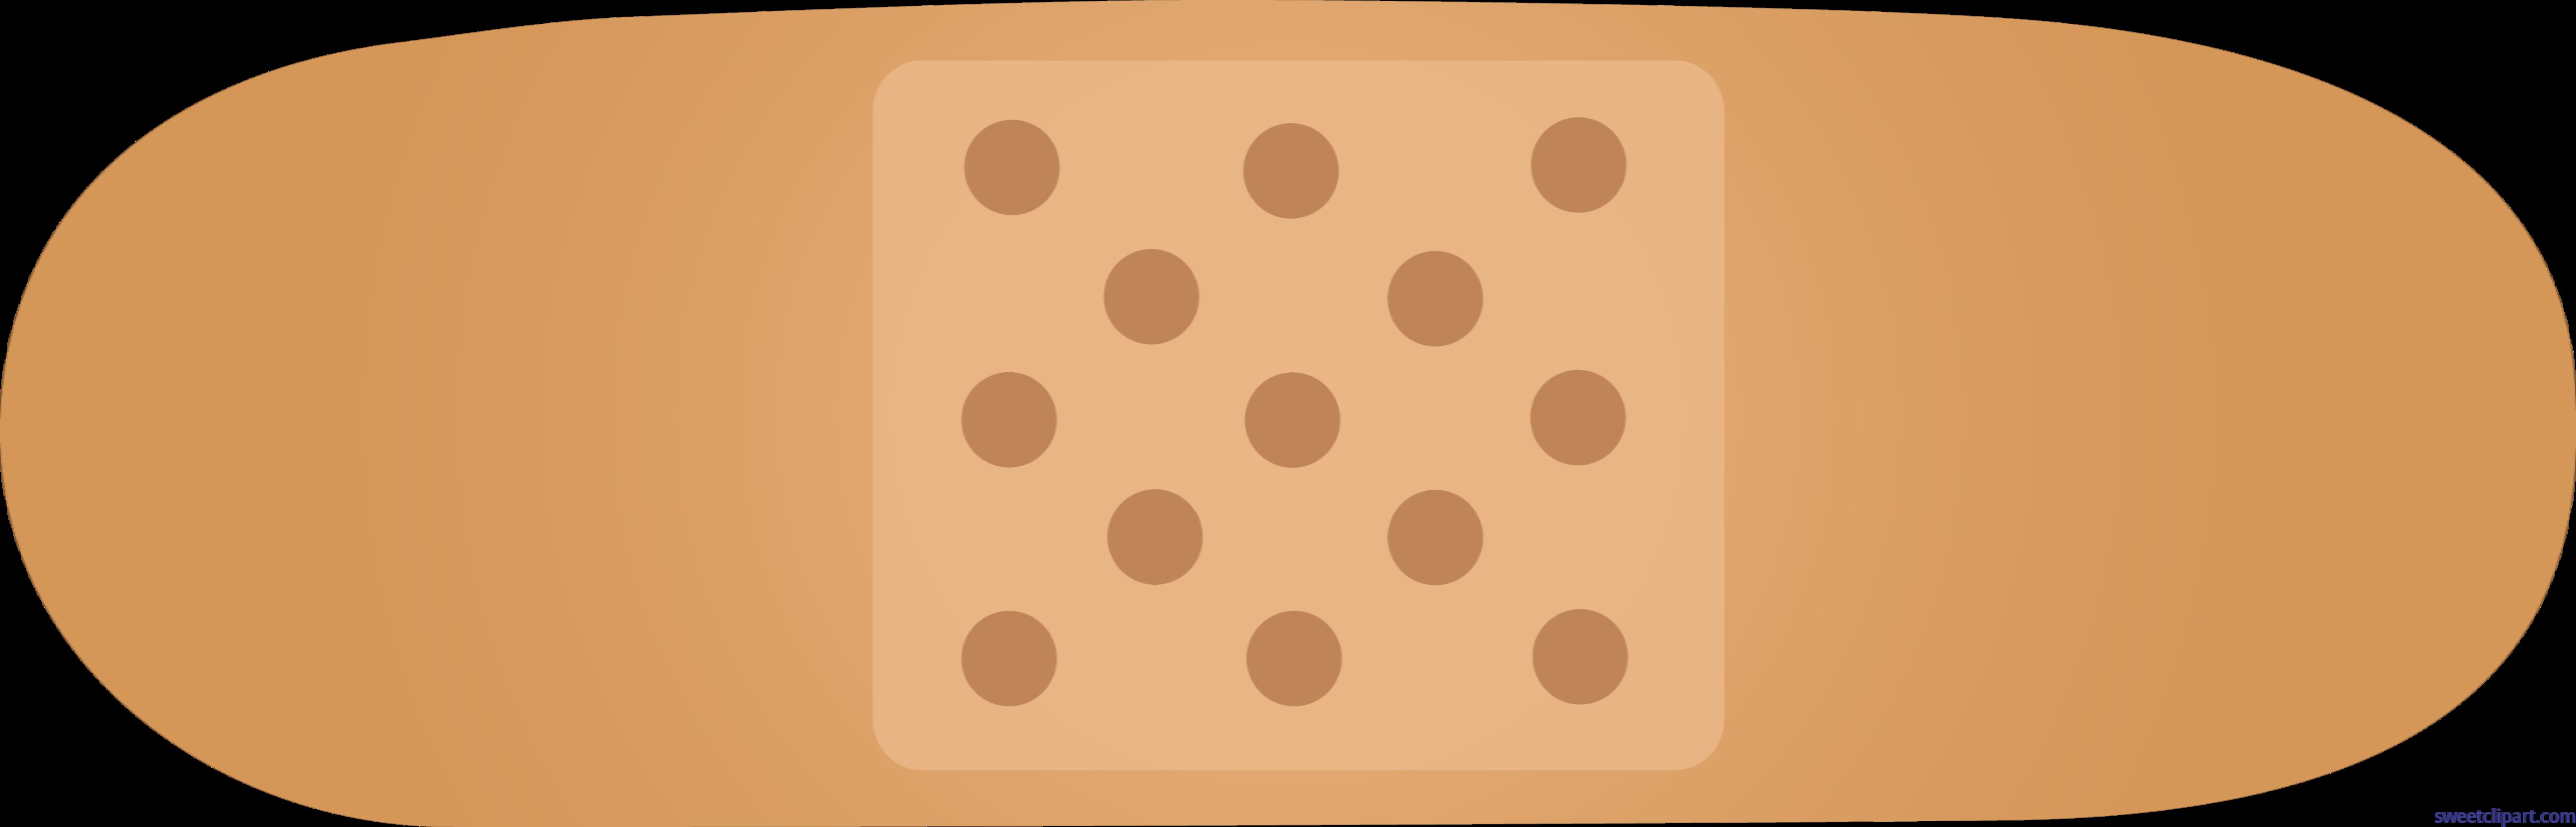 Dot clipart square. Bandaid beige clip art